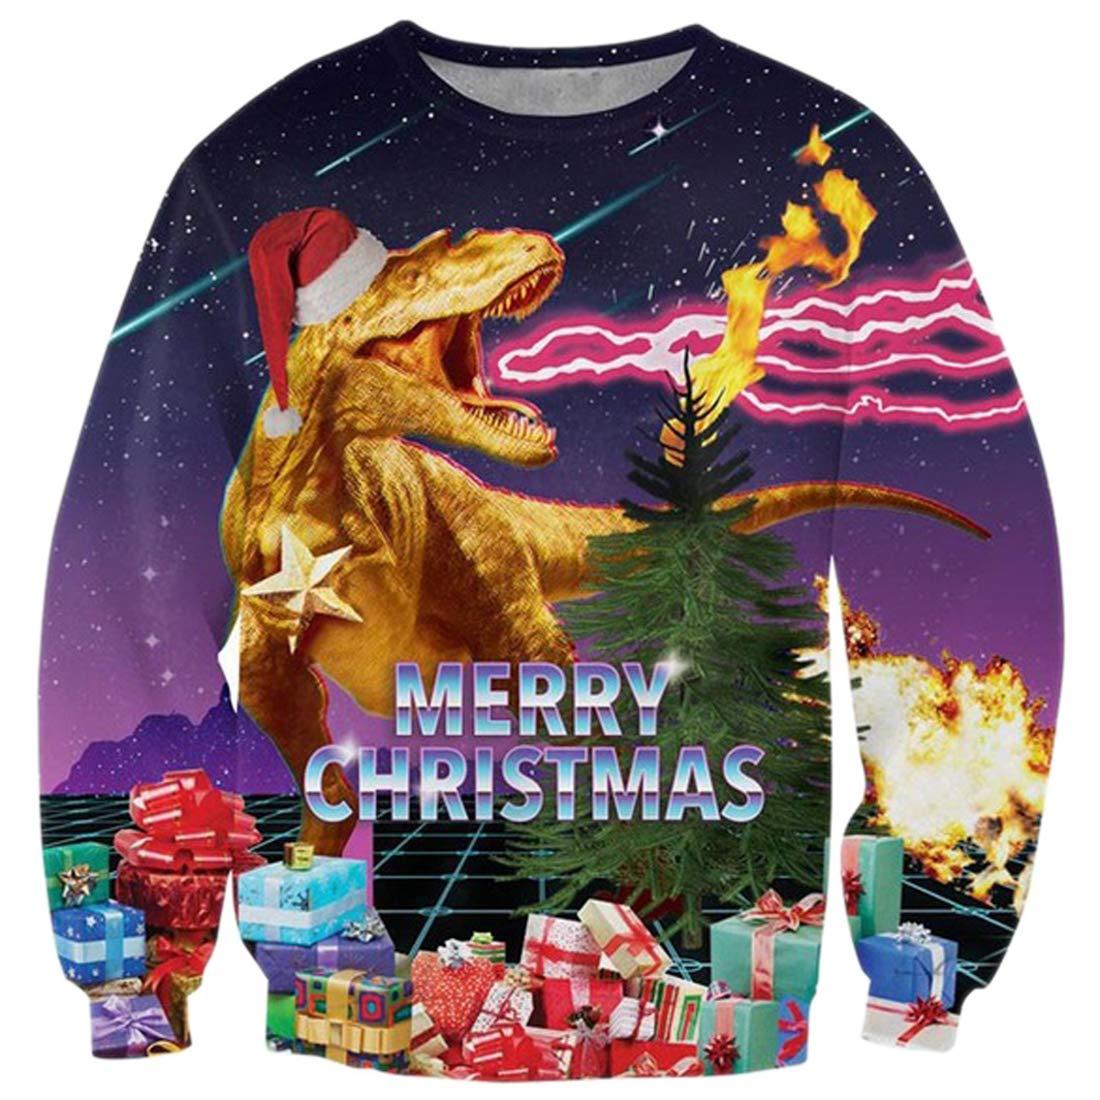 TUONROAD Unisex Ugly Weihnachten Pullover 3D Gedruckt Pizza Kat Weihnachtspullover Rundhals Langarmshirt Mit Weihnachtsmotiv Weihnachtsmann LäSsige Sweatshirt